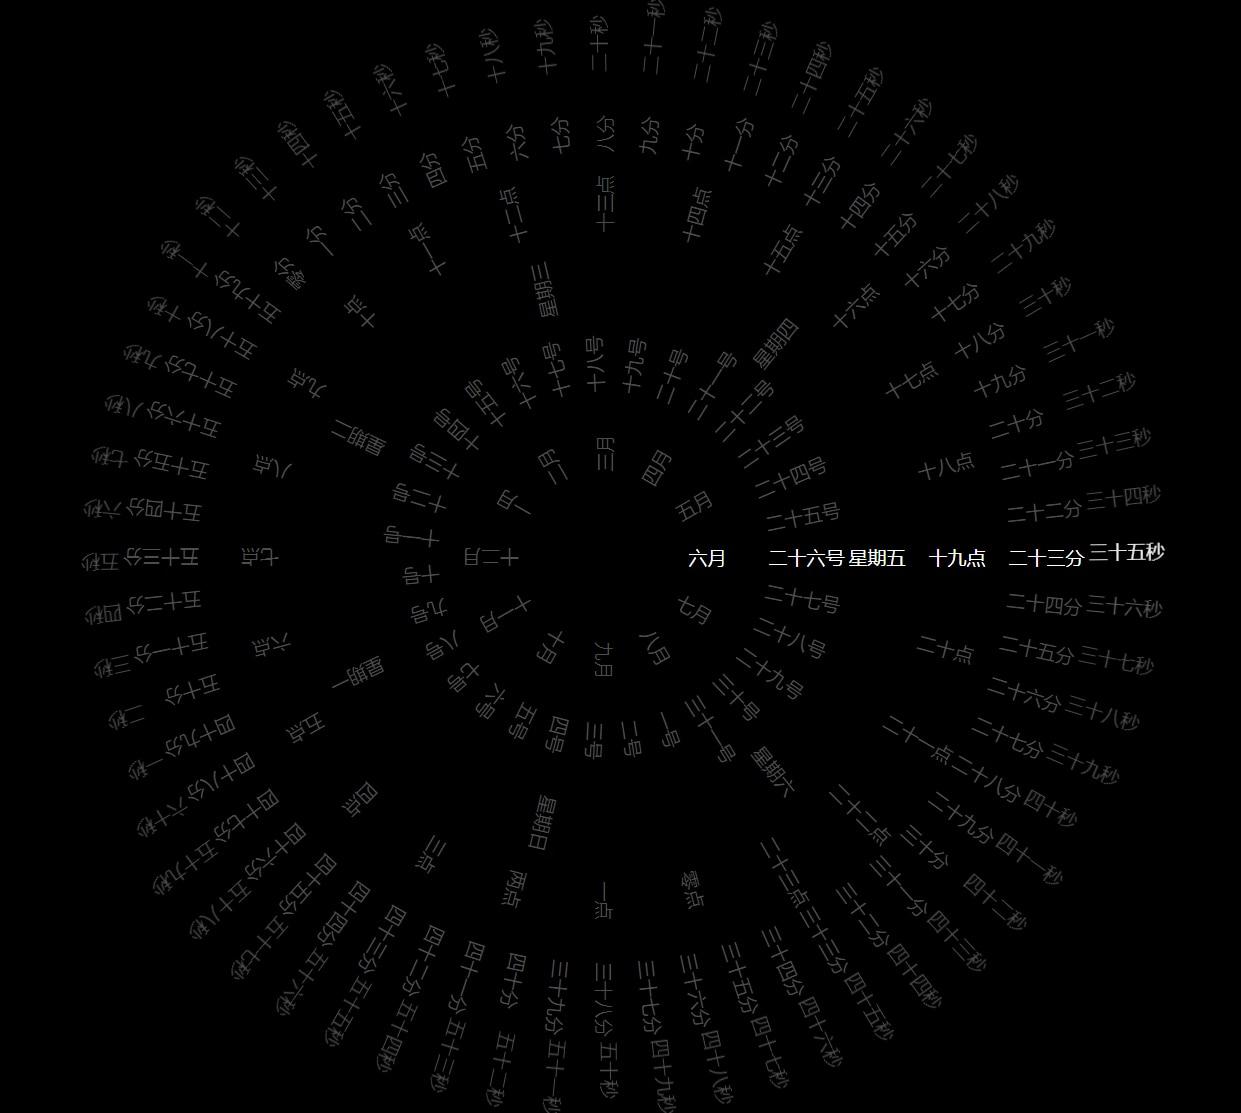 360°动态罗盘时钟显示源码